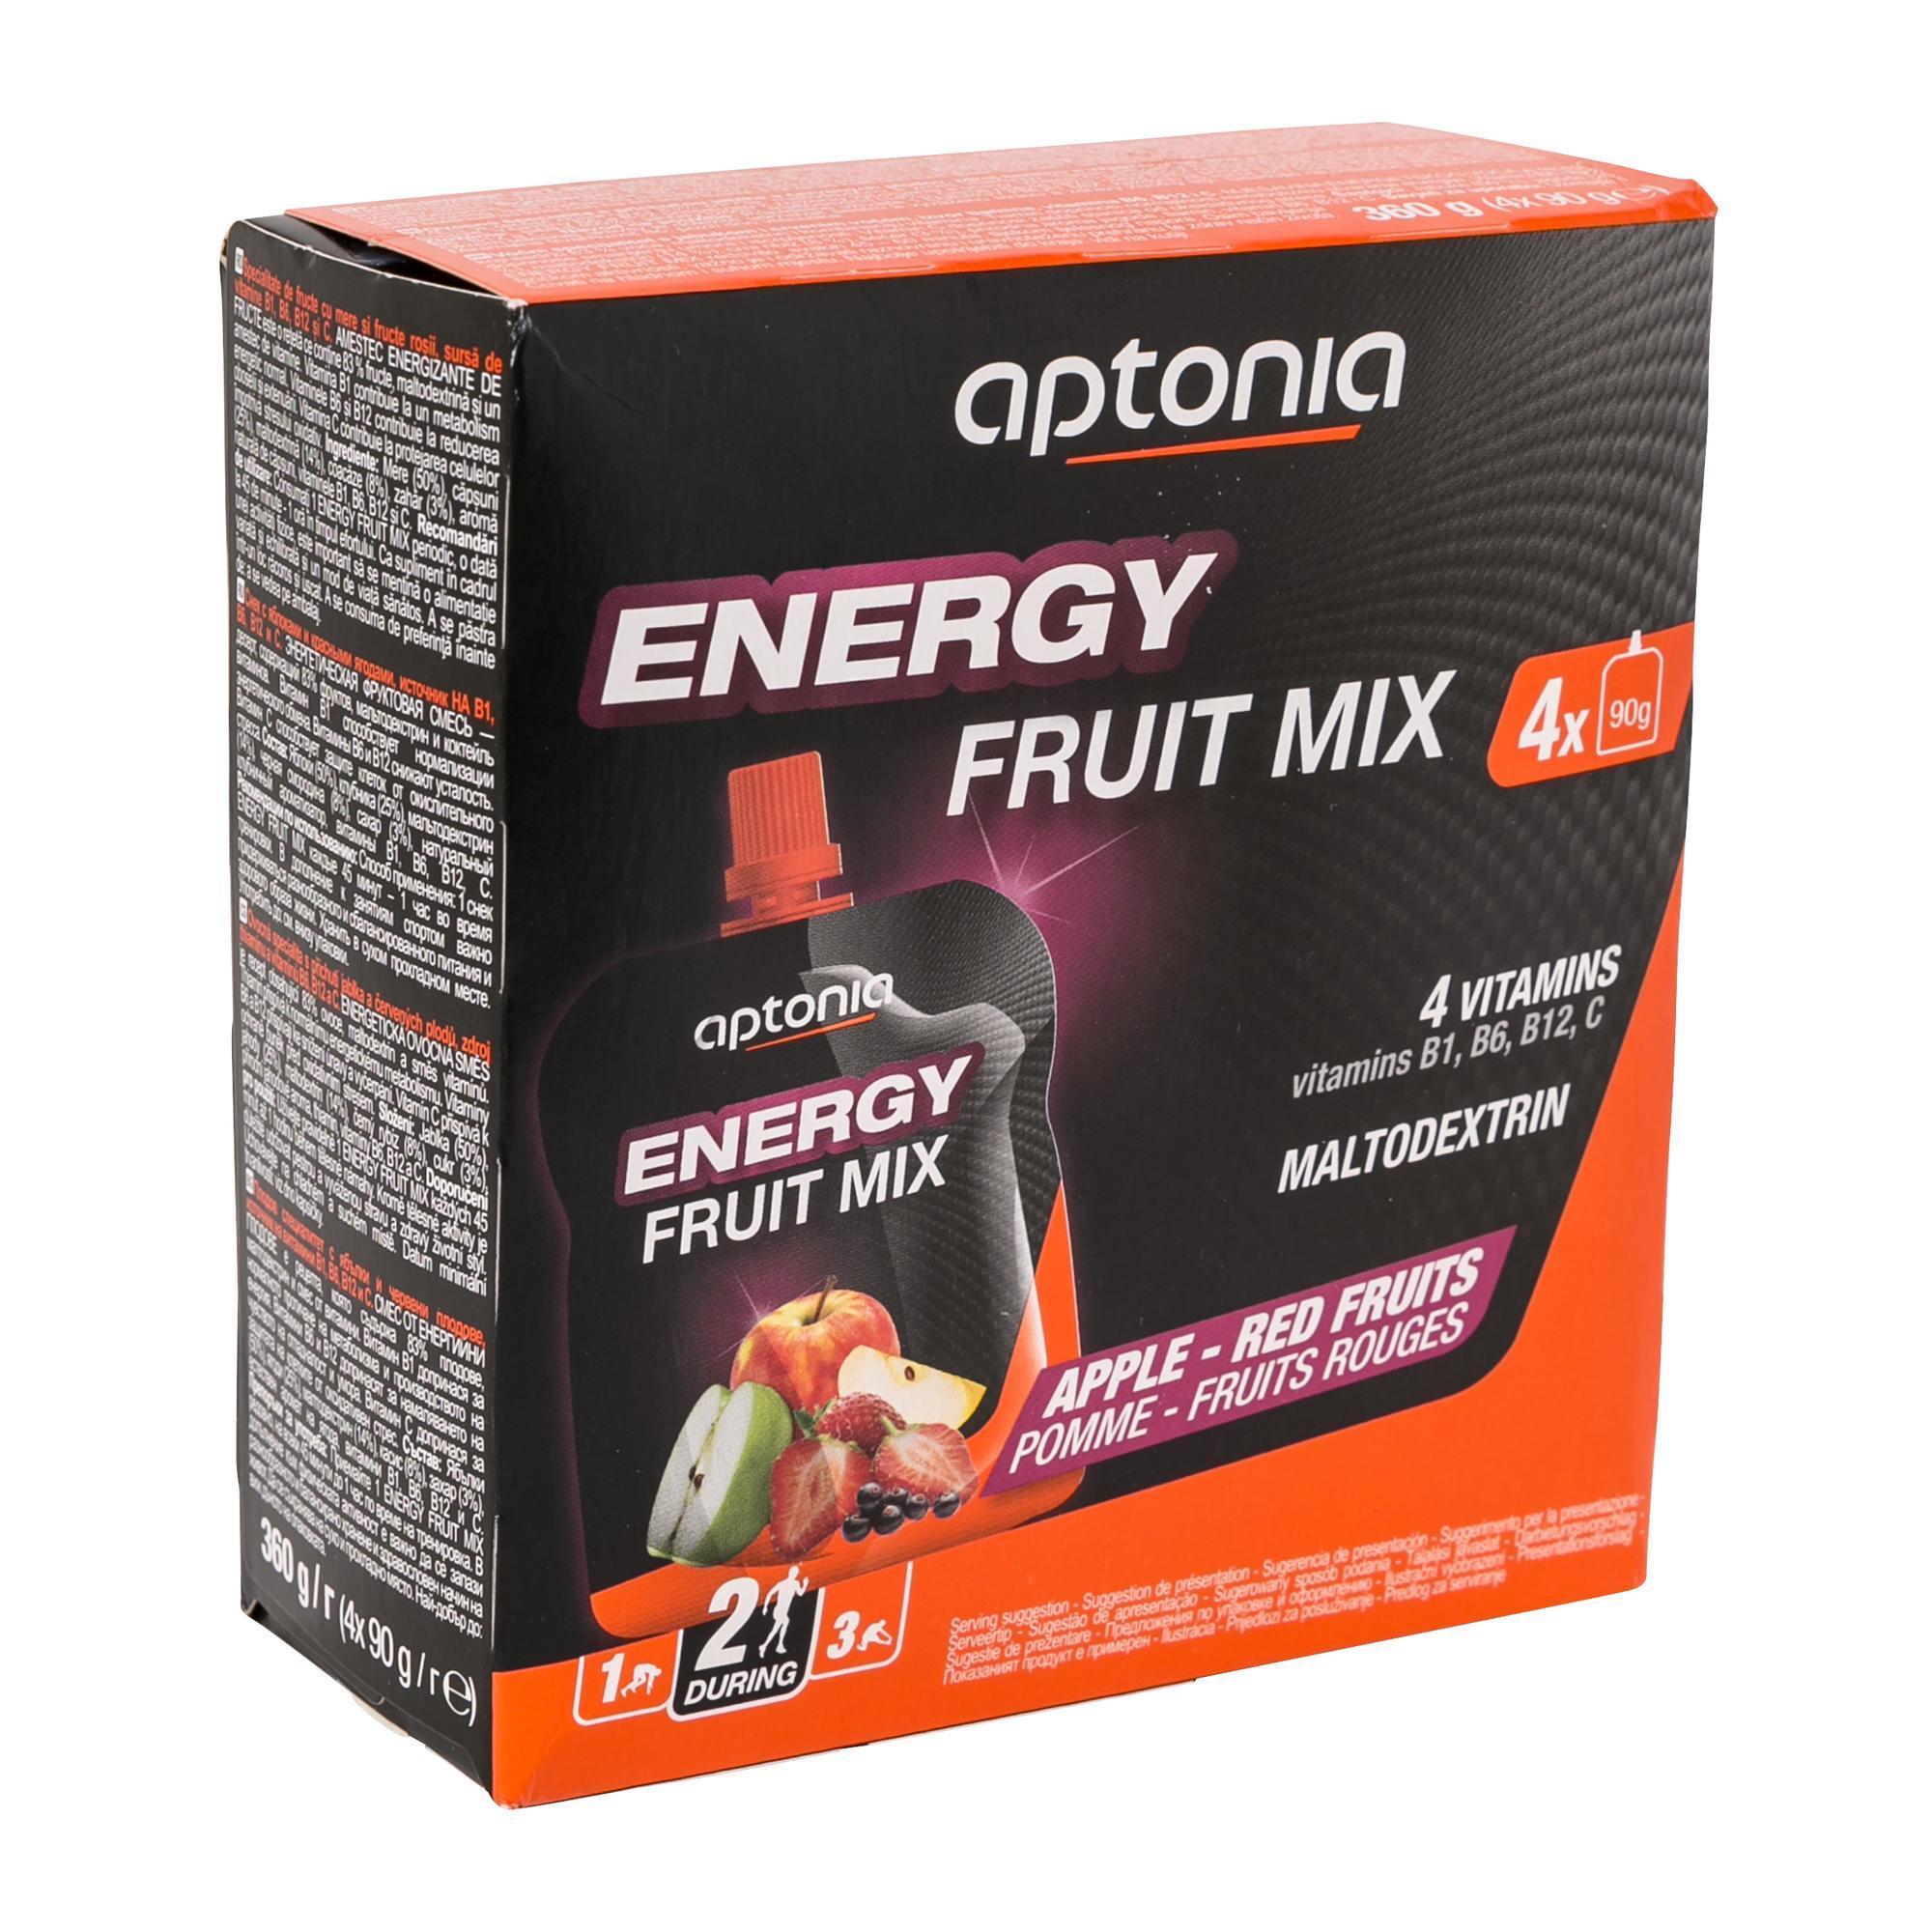 Aptonia Vruchtenspecialiteit Energy Fruit Mix appel rode vruchten 4x 90 g